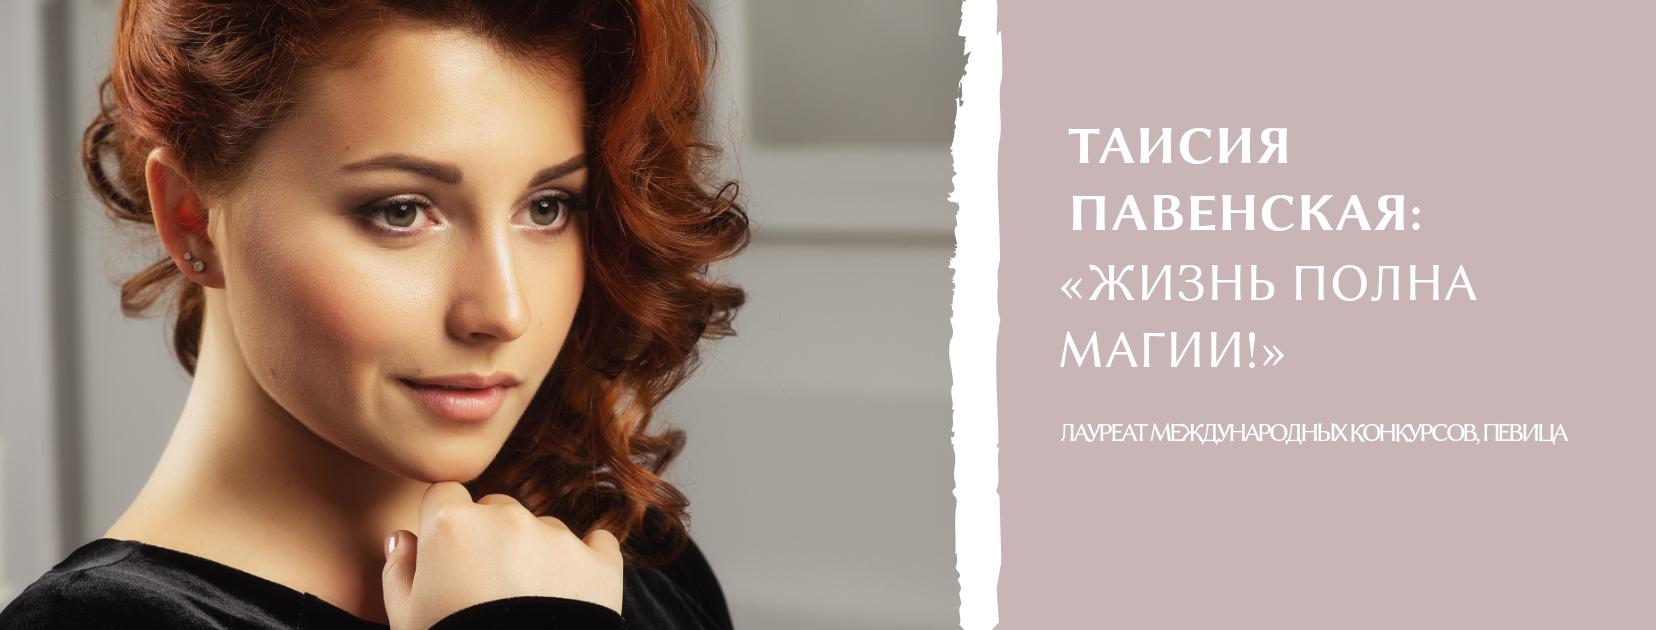 Таисия Павенская: «Жизнь полна магии!» в ТК ЭКОПОЛИС premium